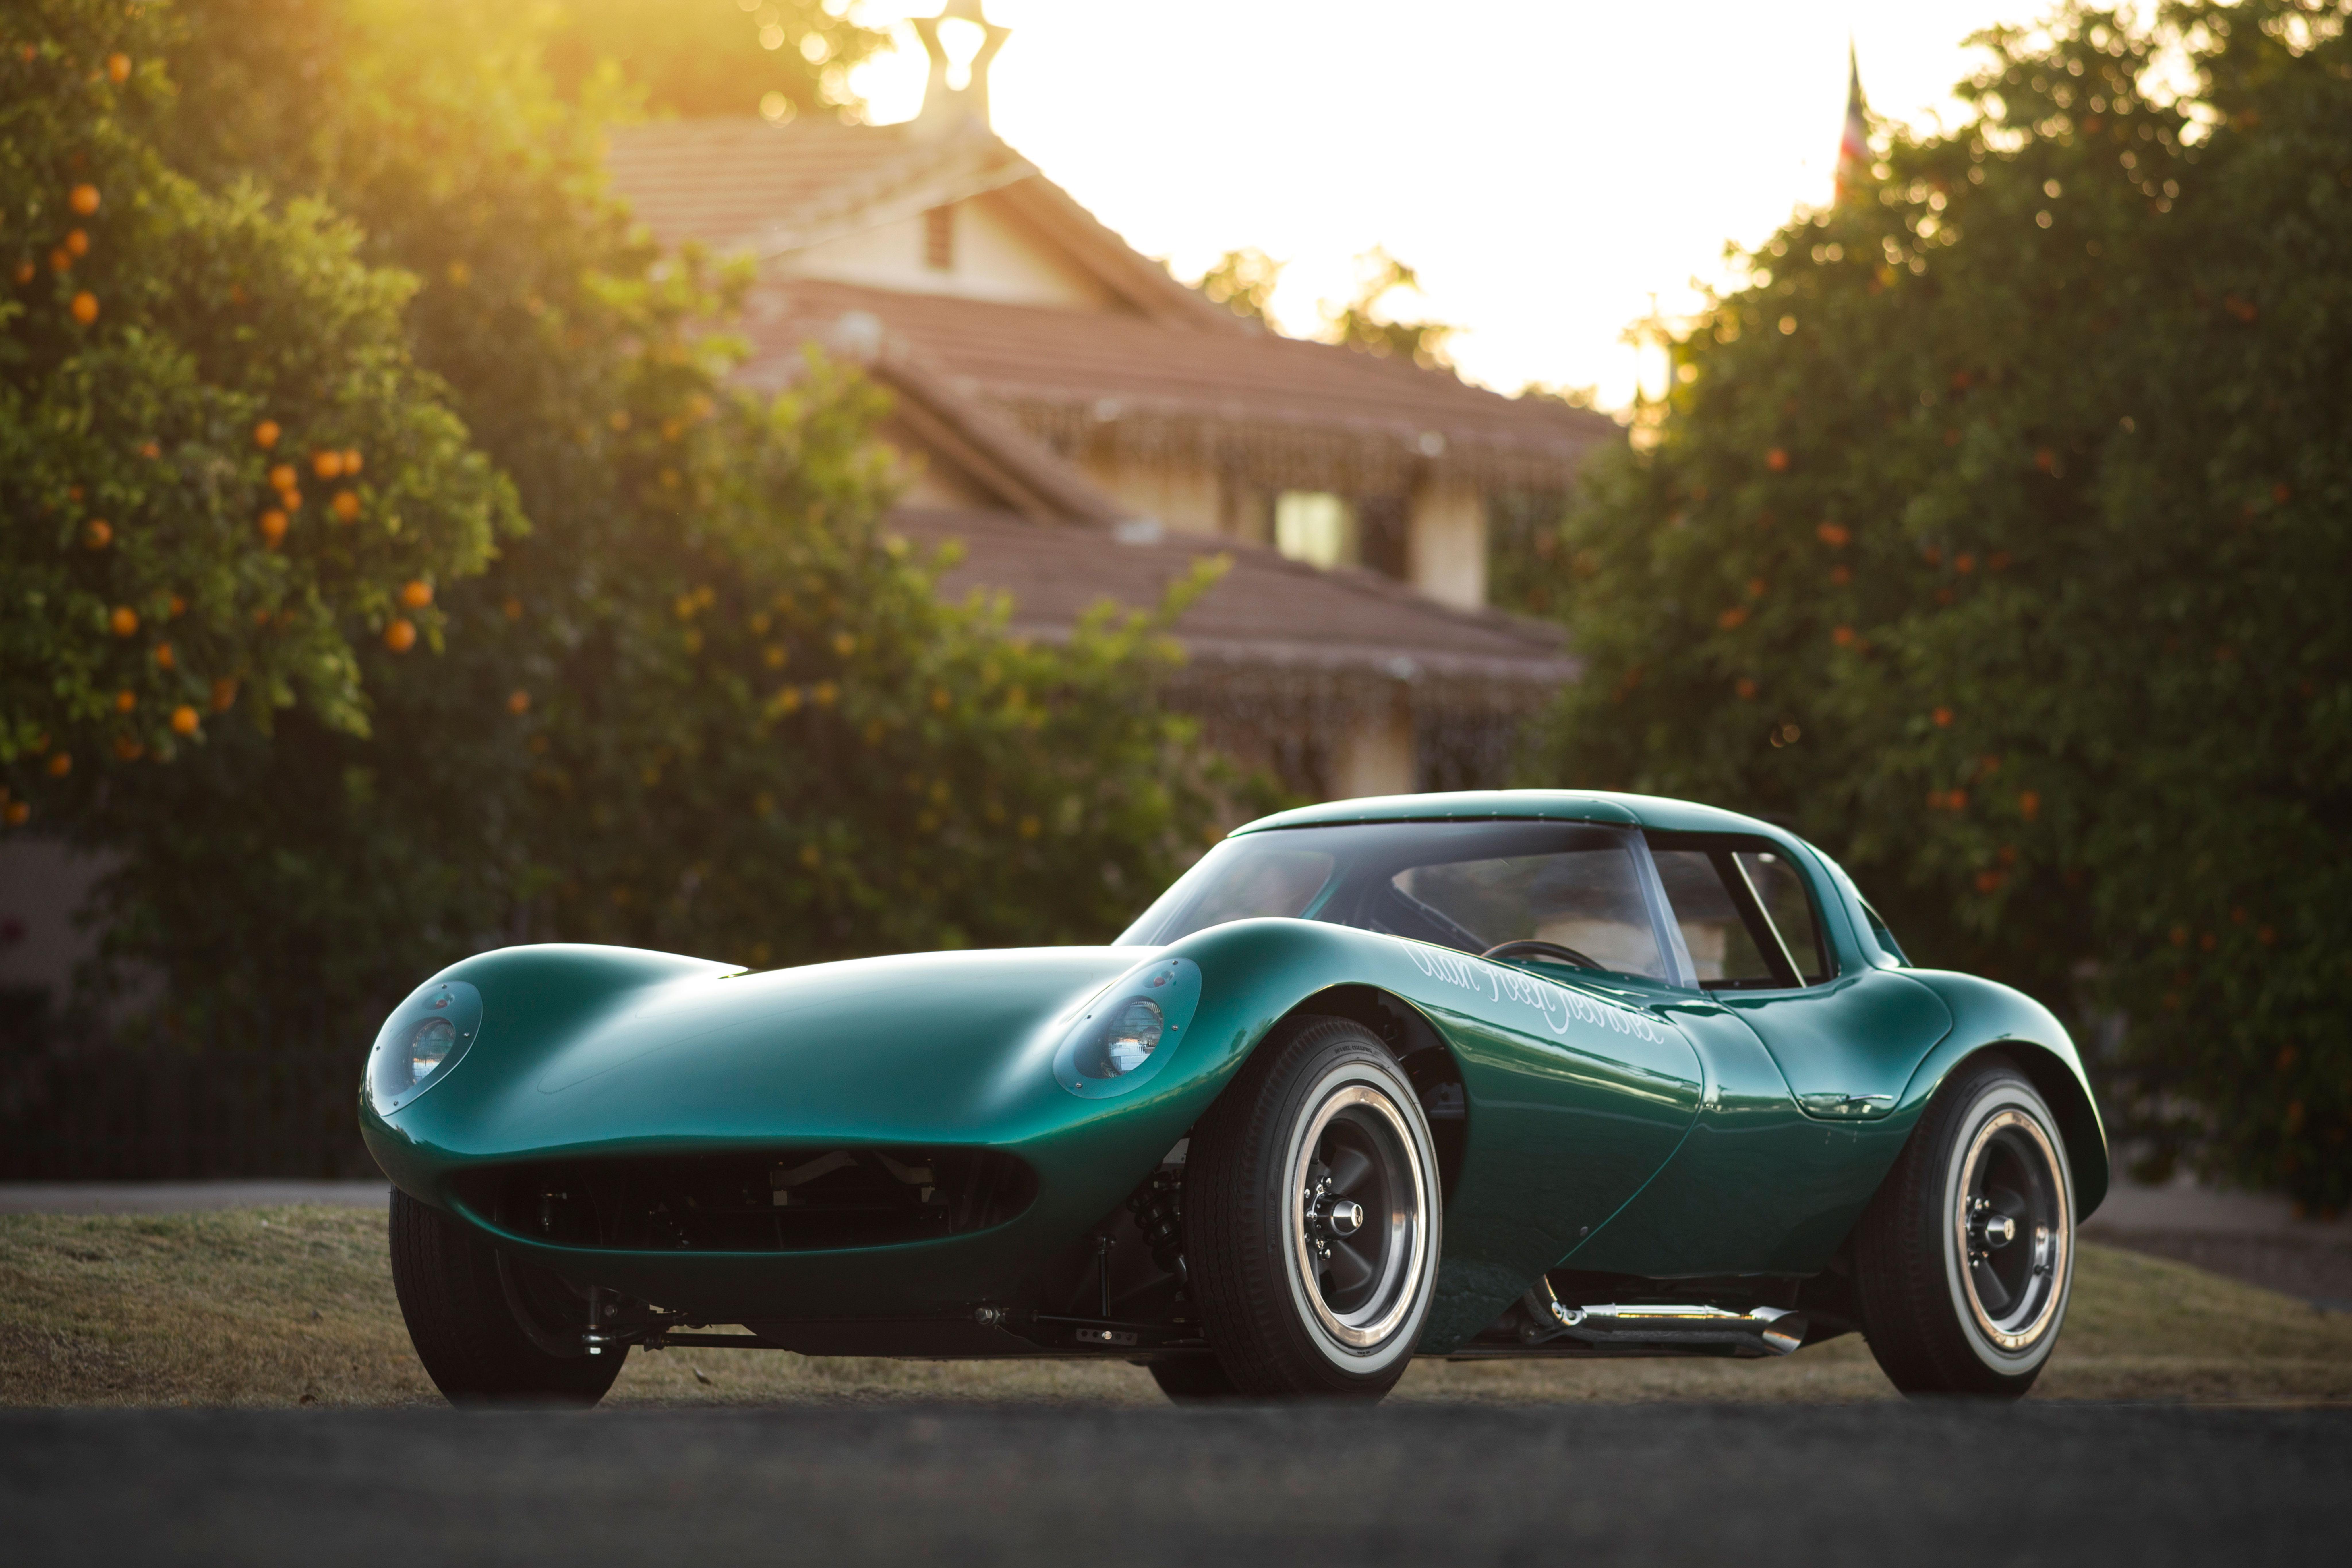 https://cdn2.hubspot.net/hubfs/347760/C_Blogs/Blog_Images/1964-Chevrolet-Cheetah.jpg